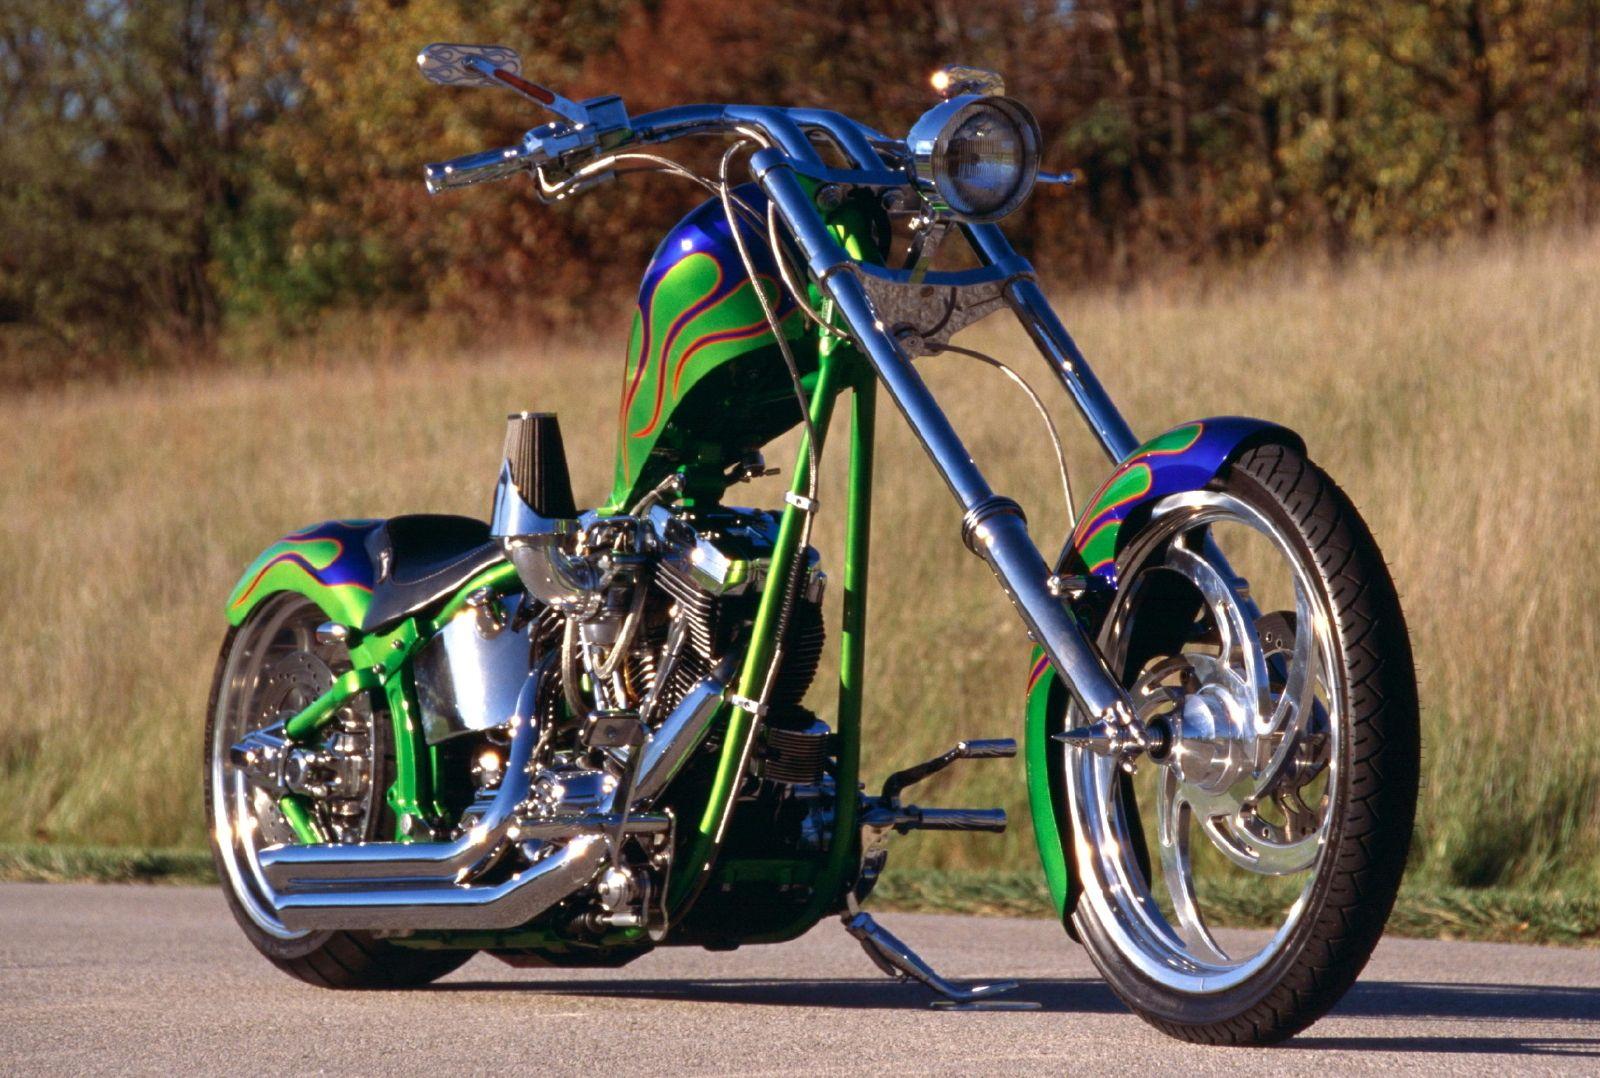 Jh Choppers E La Macchina Creazione Personalizzata Harley Davidson Parti Per Oltre 10 Anni Harley Davidson Chopper Harley Davidson Harley